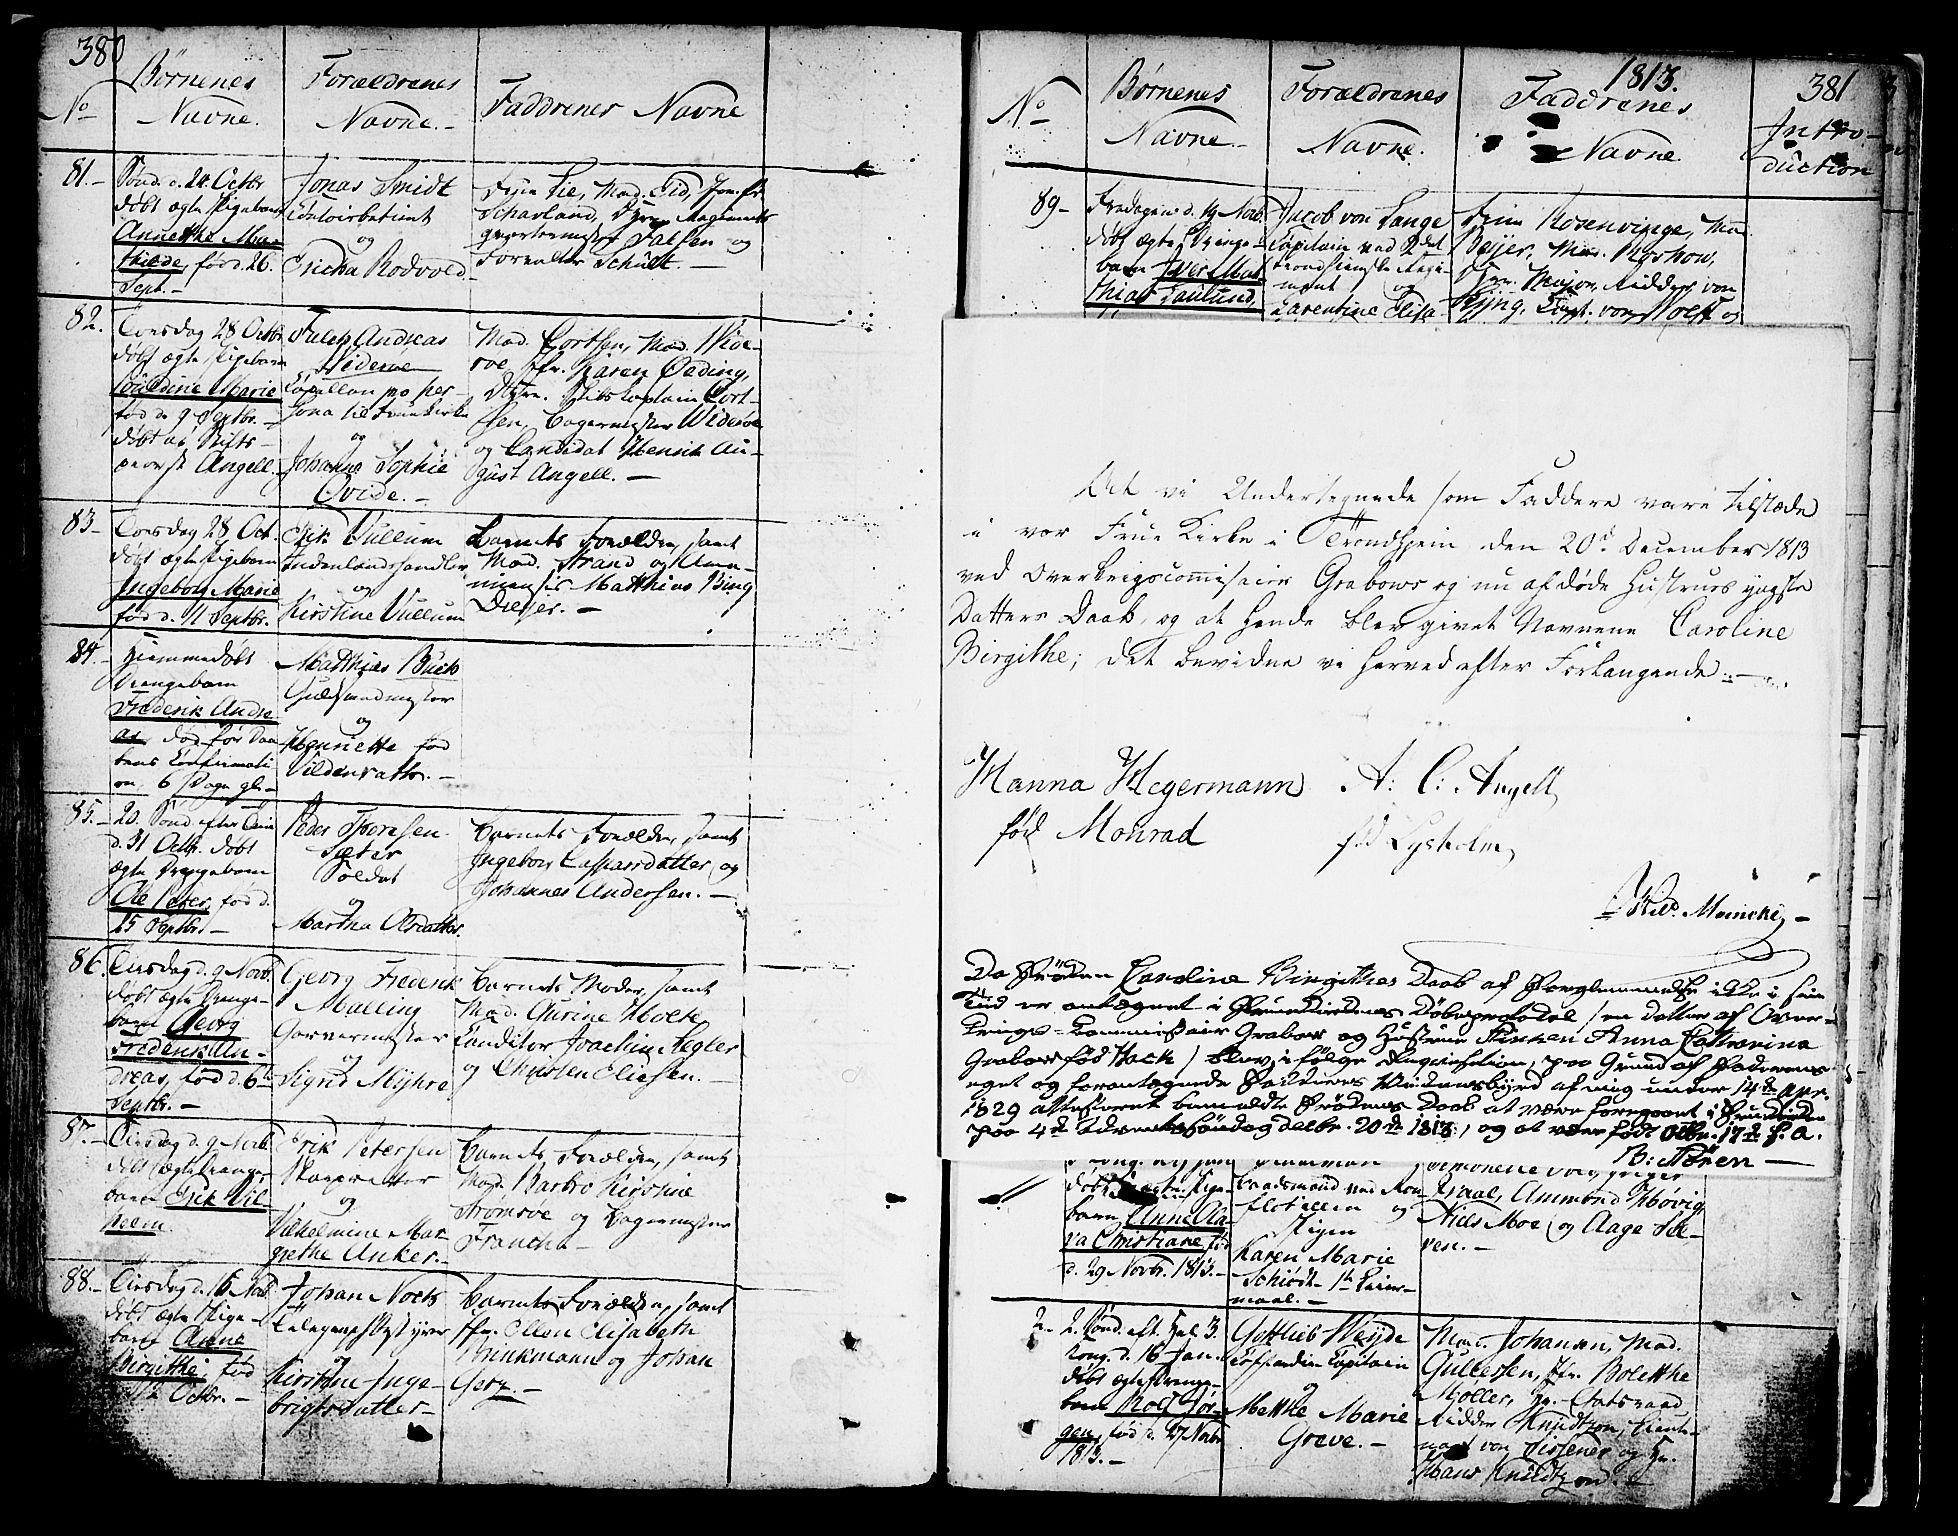 SAT, Ministerialprotokoller, klokkerbøker og fødselsregistre - Sør-Trøndelag, 602/L0104: Ministerialbok nr. 602A02, 1774-1814, s. 380-381